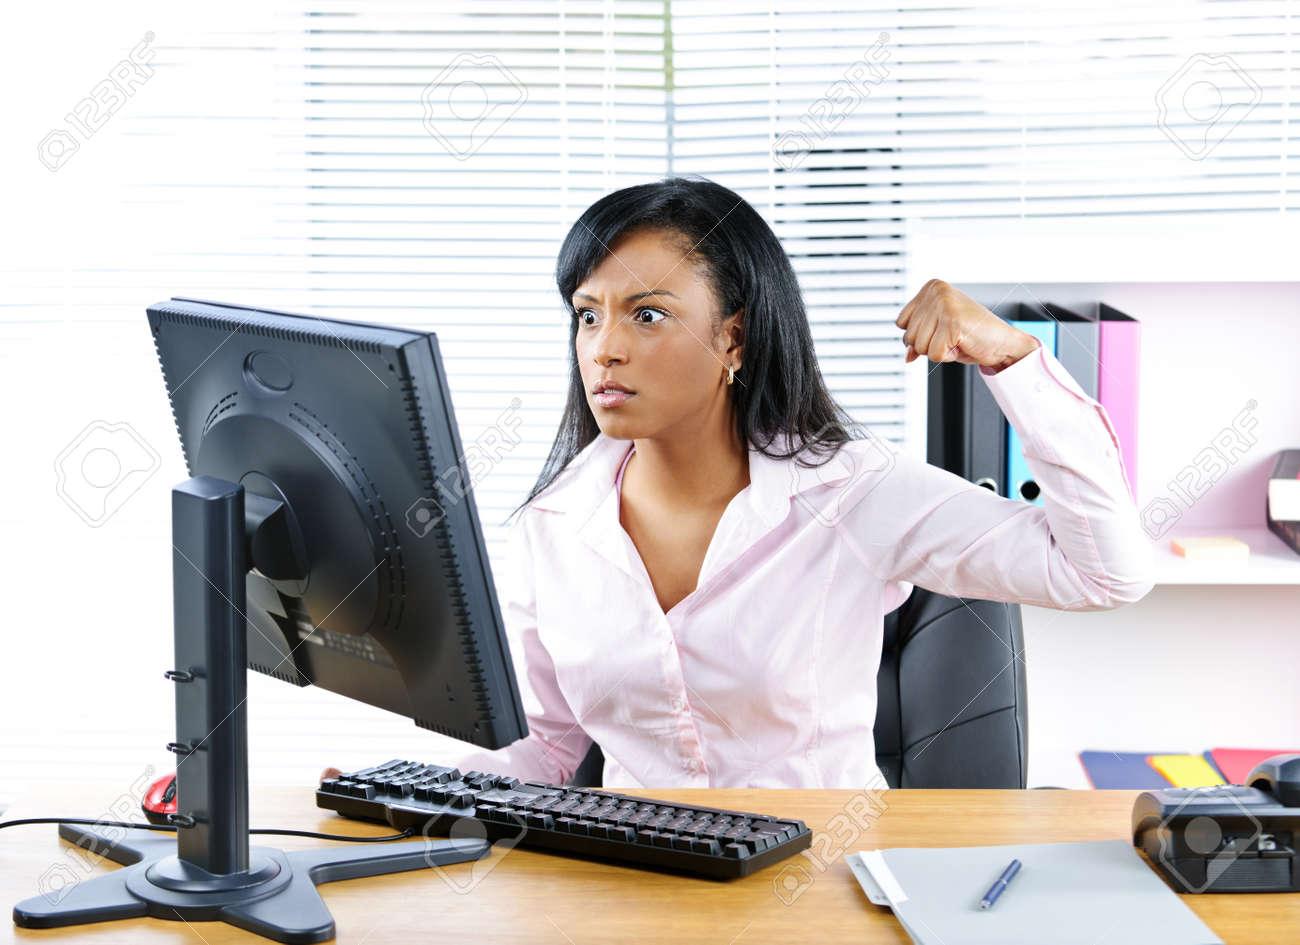 Mad At Computer